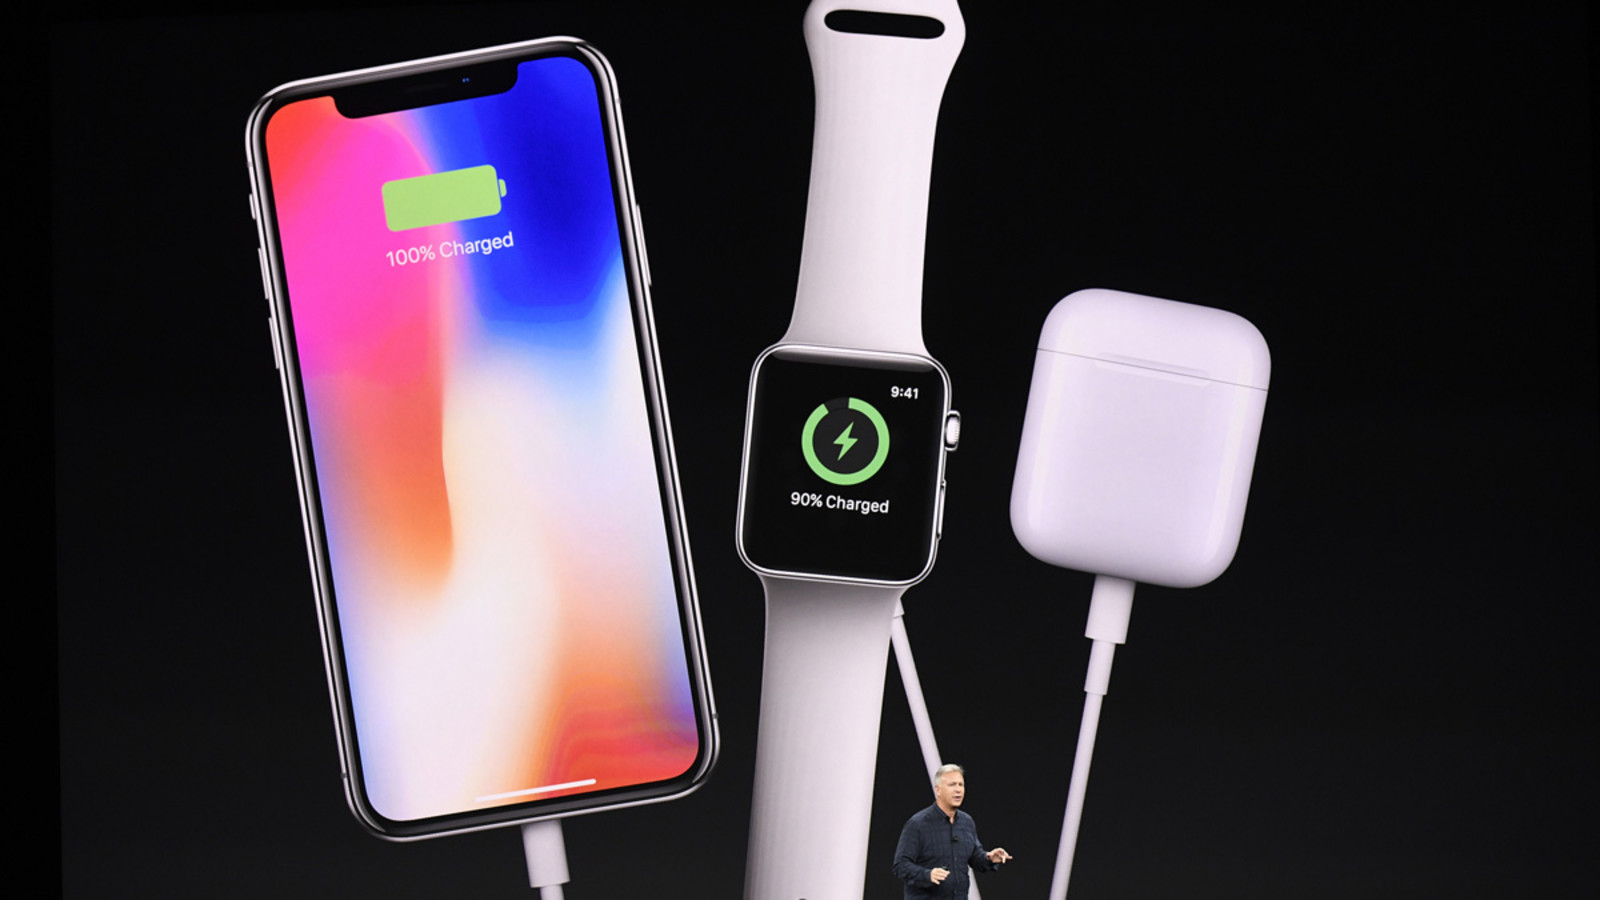 Zweiwegeladen mit dem neuen iPhone XI